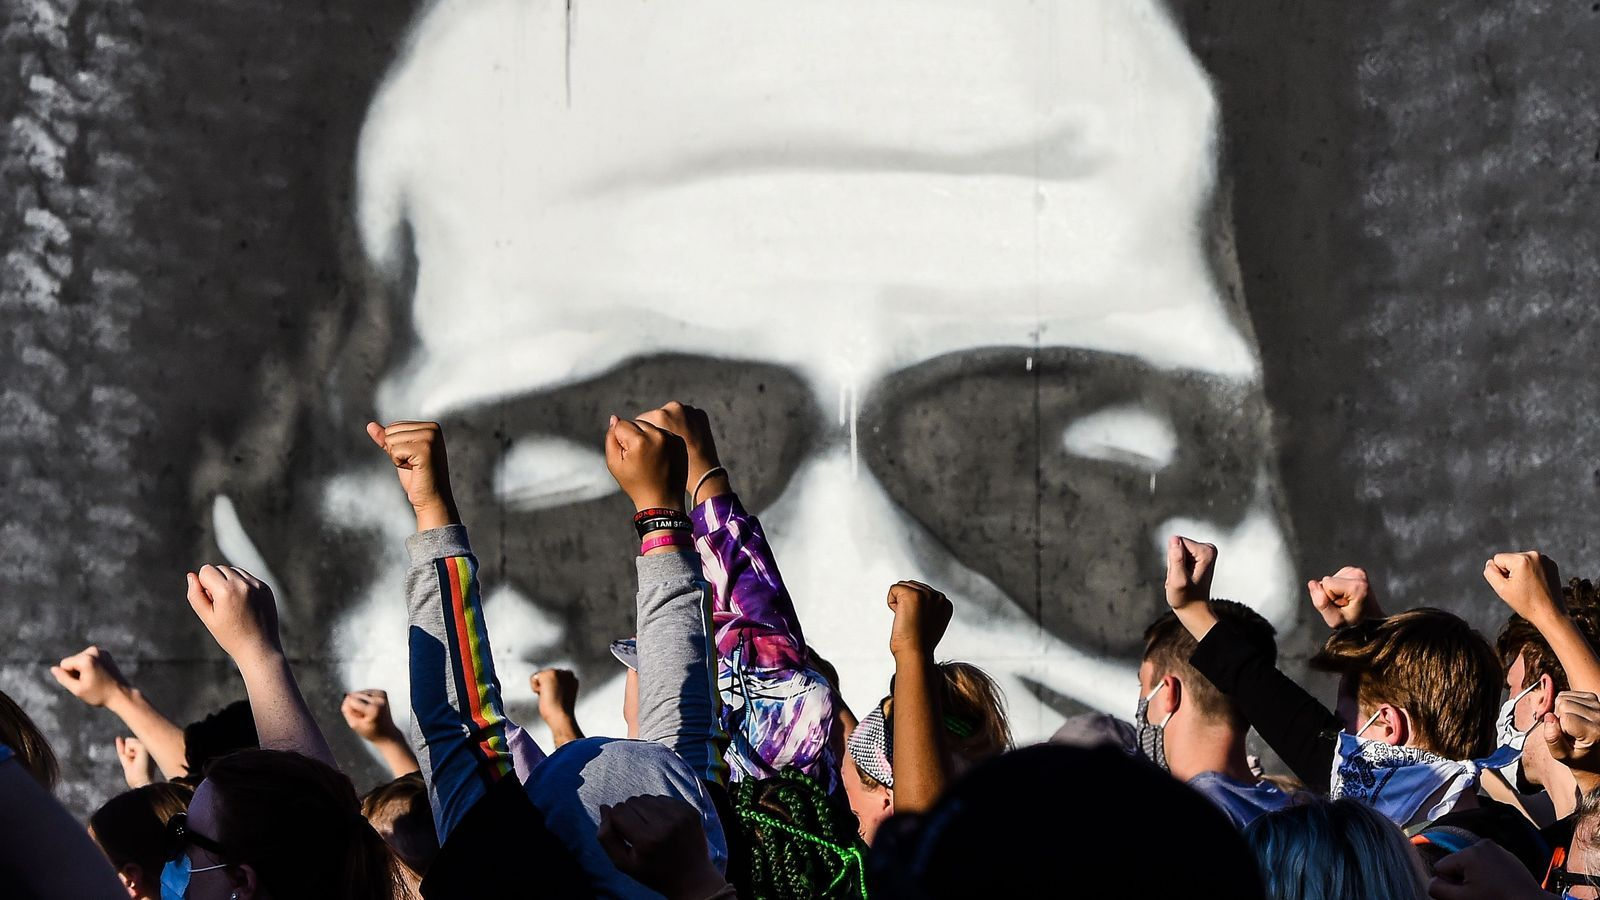 Protestes a Minneapolis, Minnesota, per l'assassinat de George Floyd